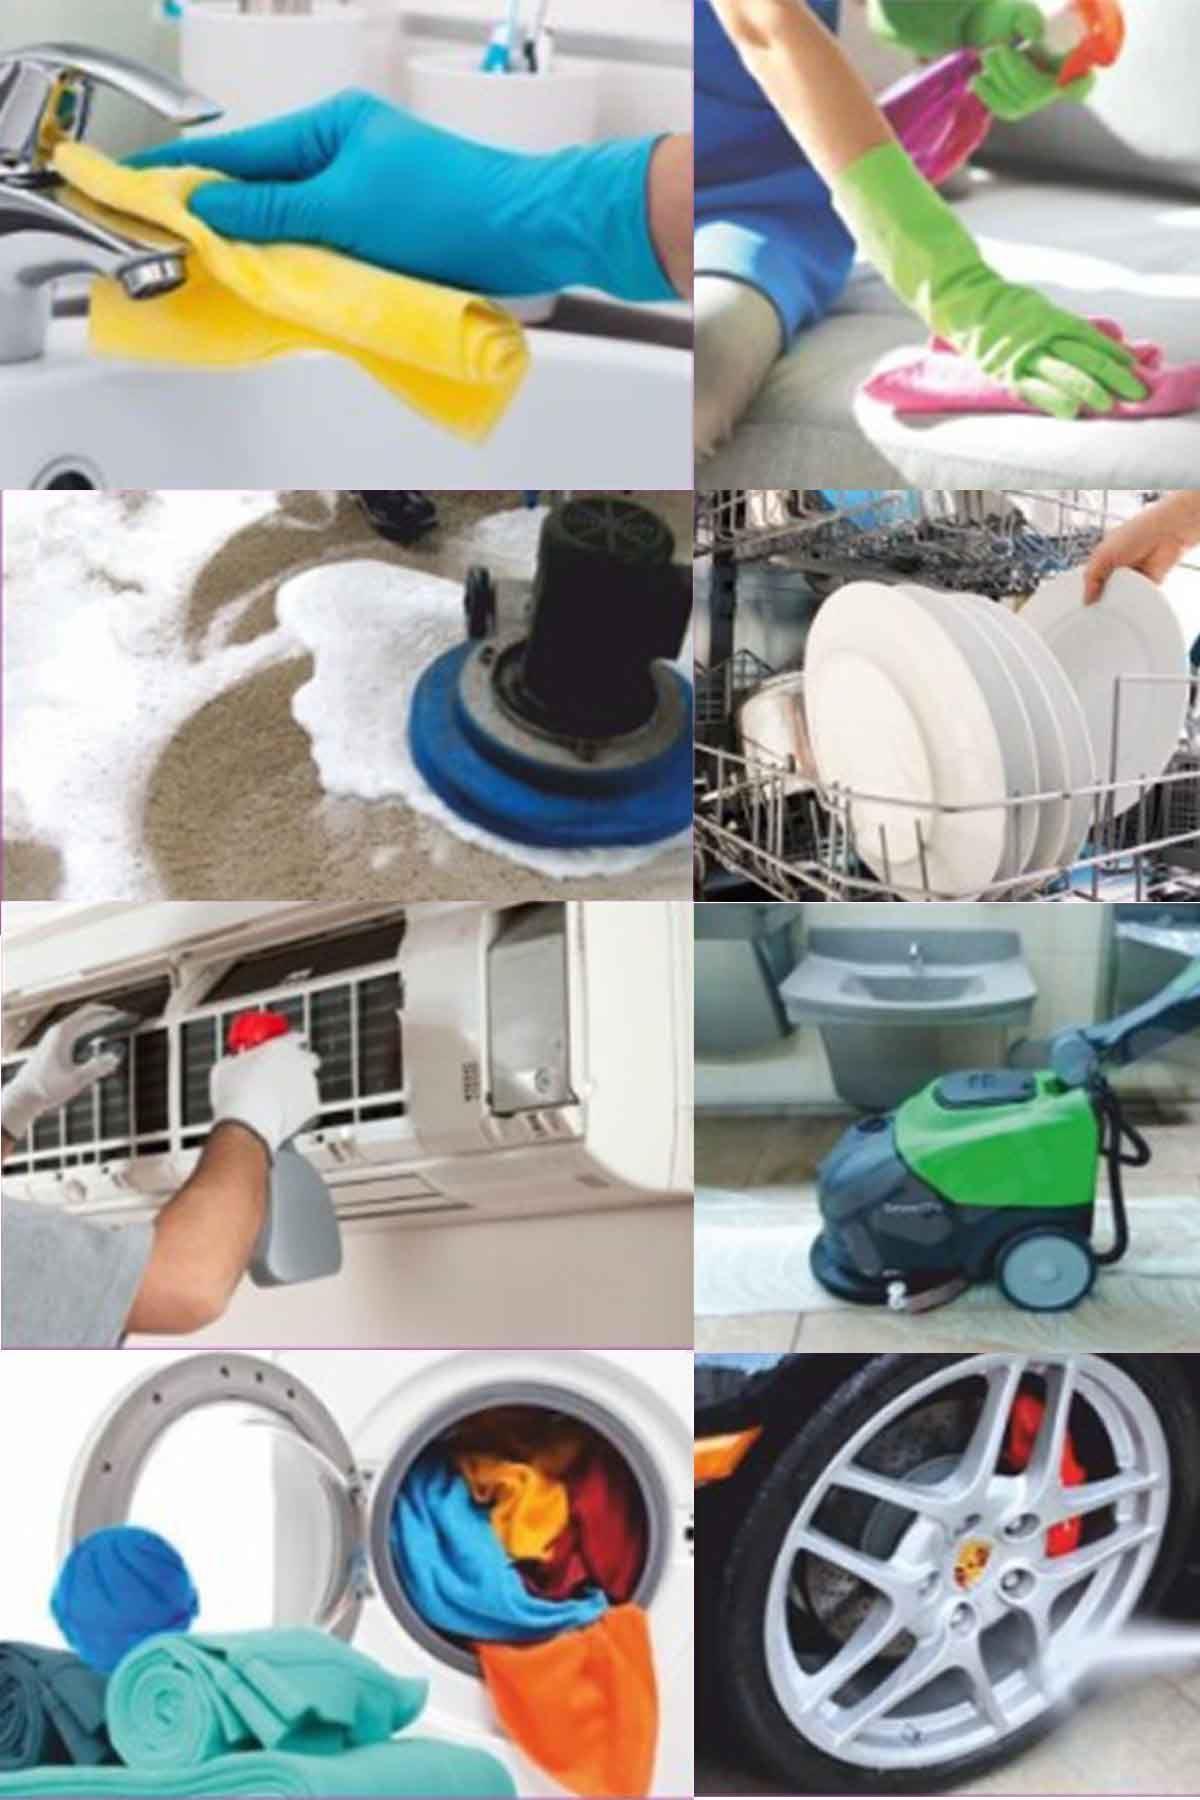 SMX Genel Amaçlı Temizleyici & SMX Banyo Fayans Derz Temizleyici & İnox Krom/Nikelaj Temizleyici & Technolog 6,5x10cm Sihirli Sünger